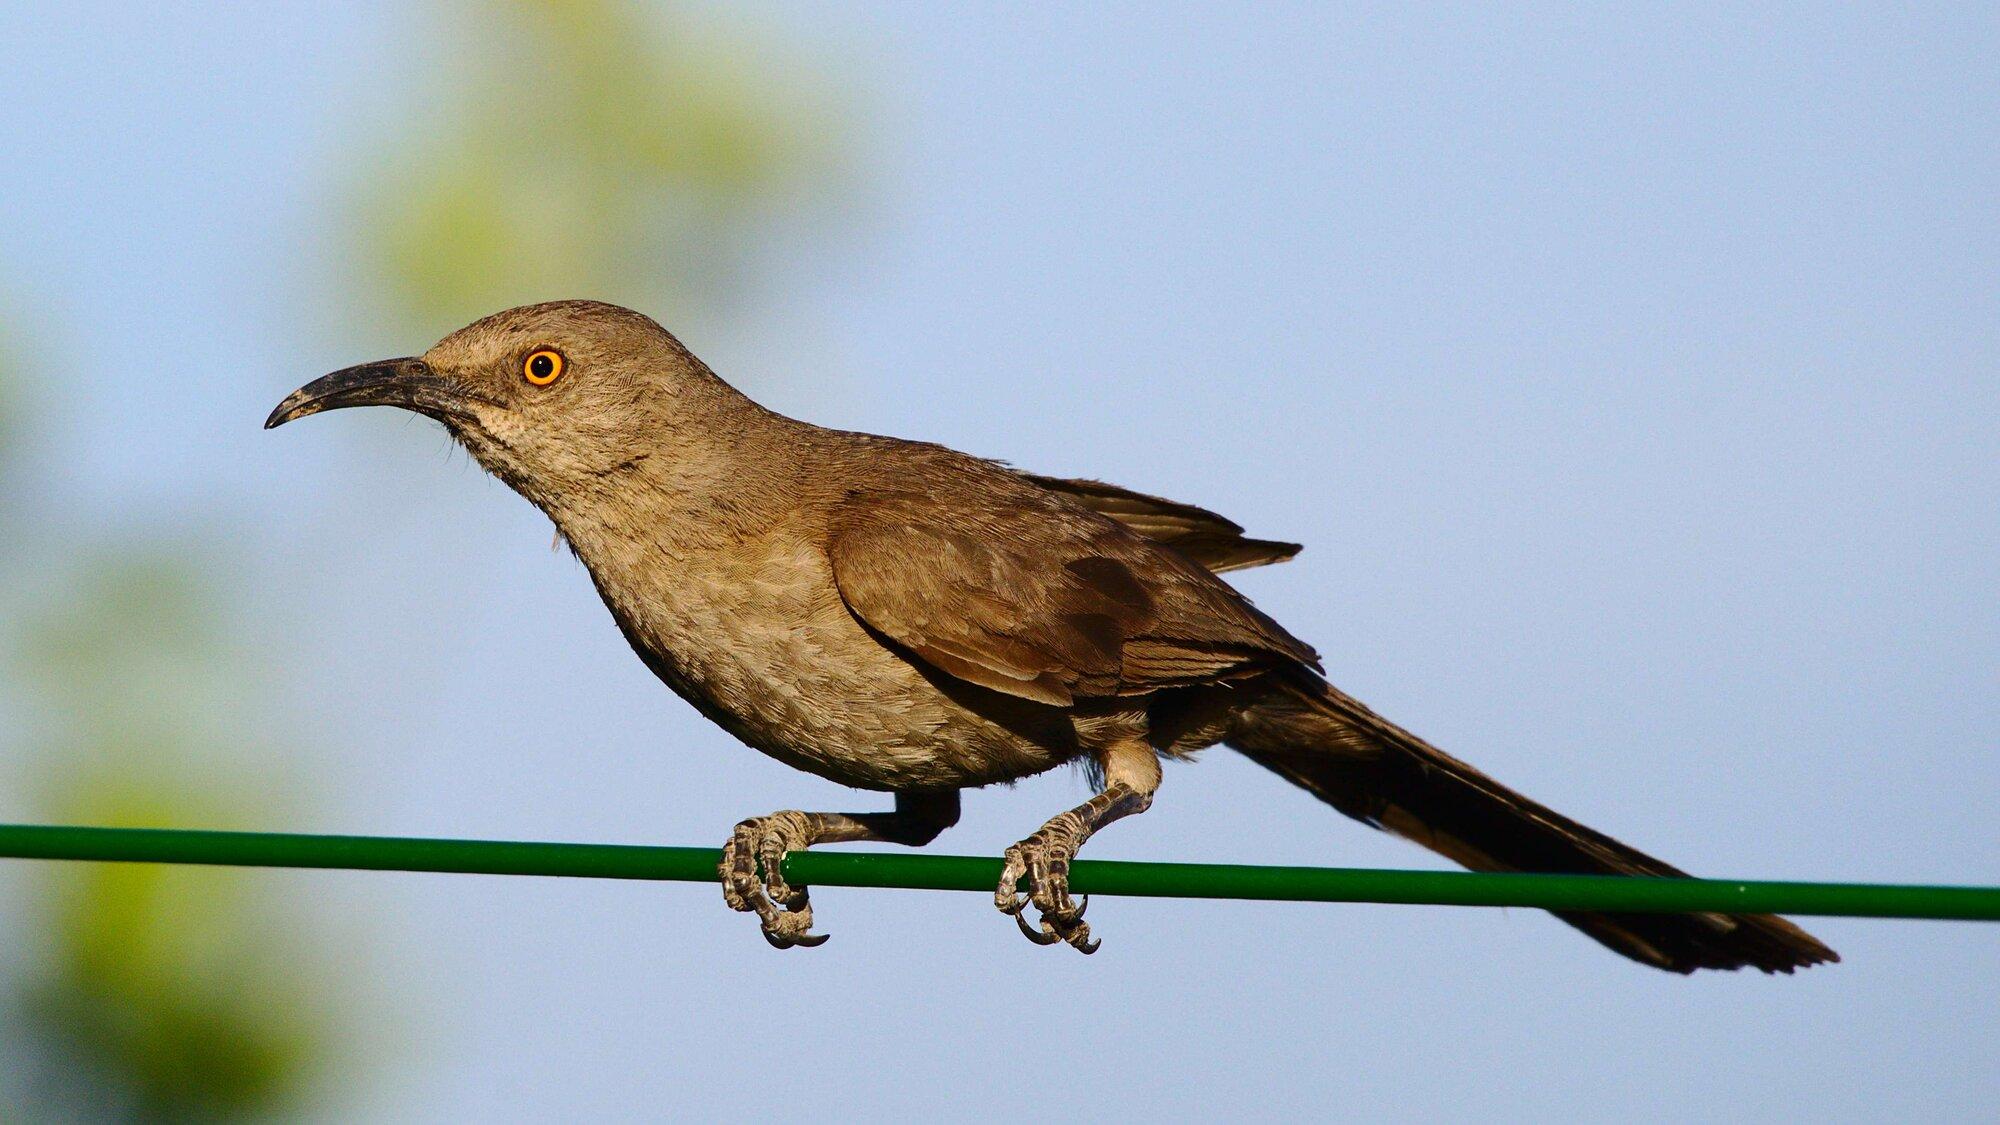 4k_bird_on_green_wire.jpg